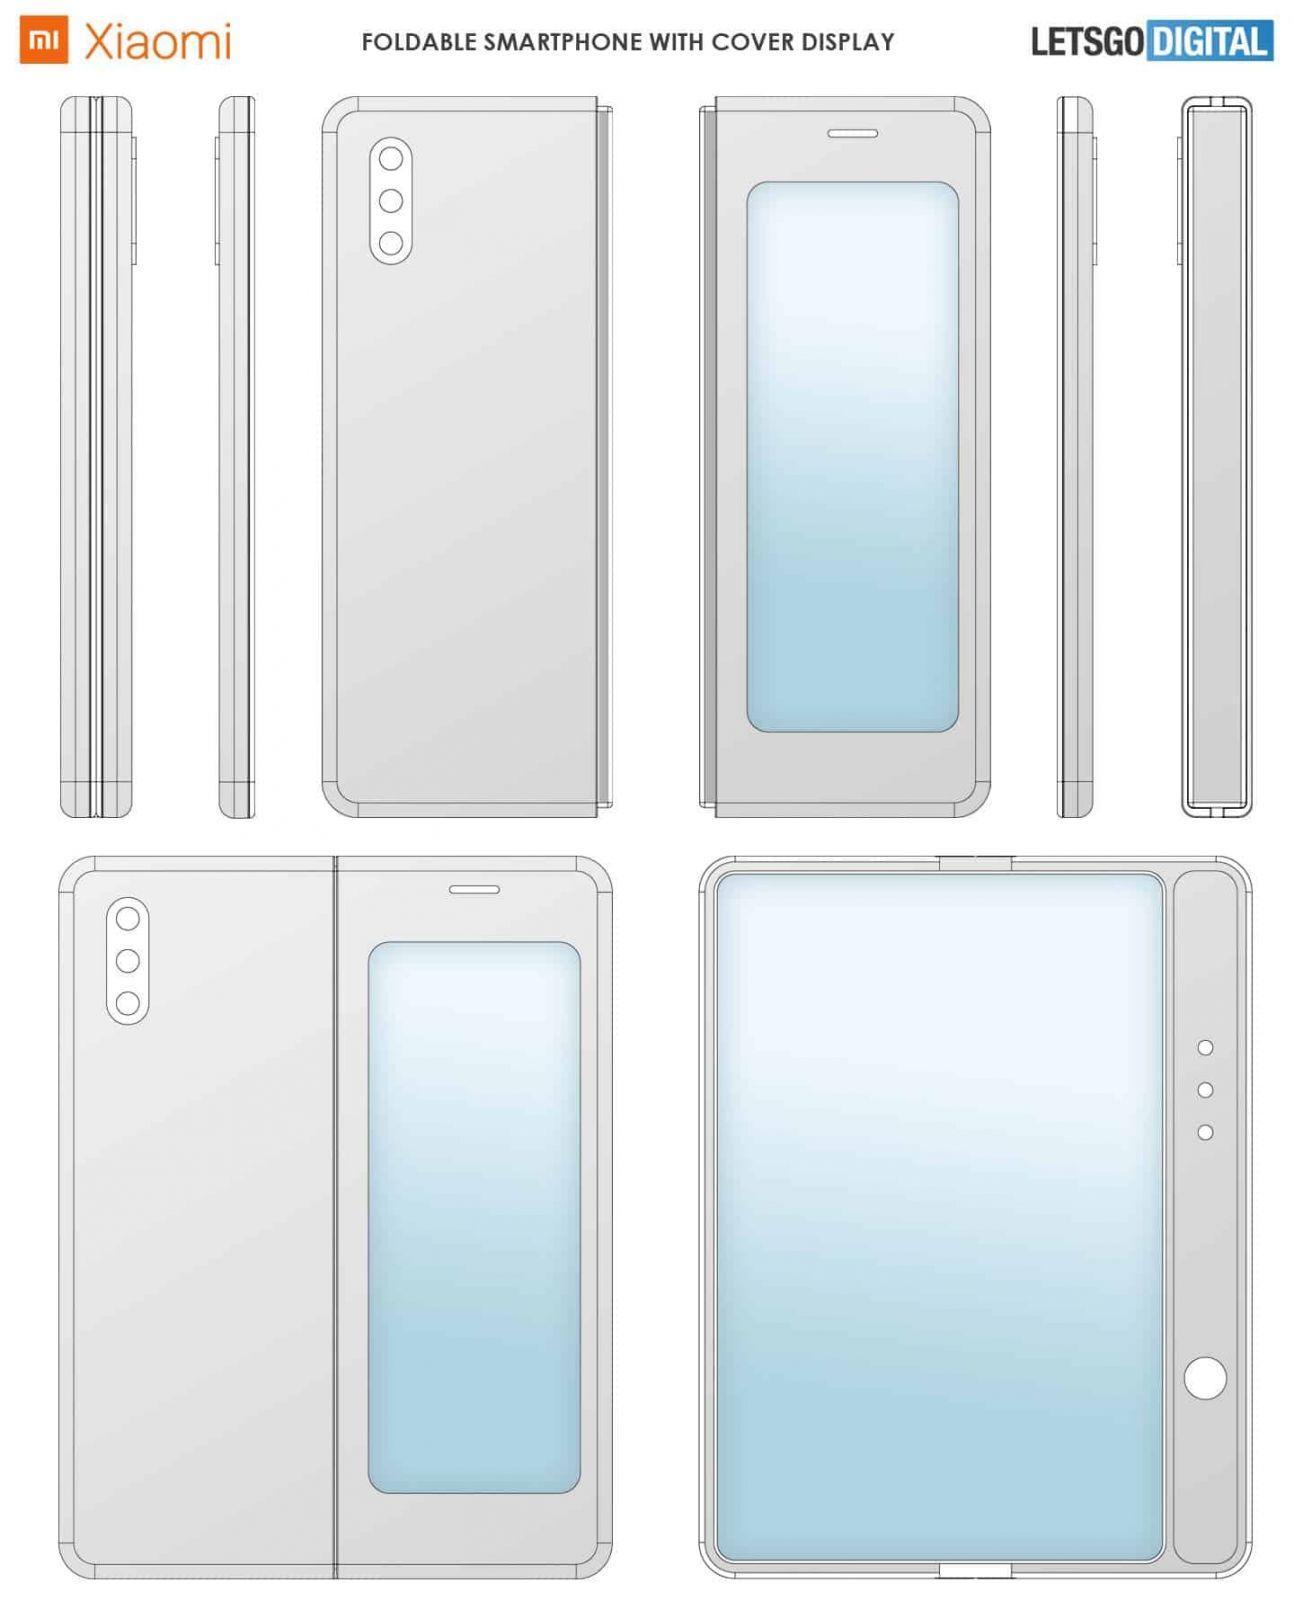 Xiaomi получила патент на складной смартфон в стиле Galaxy Fold (xiaomi opvouwbare smartphone)